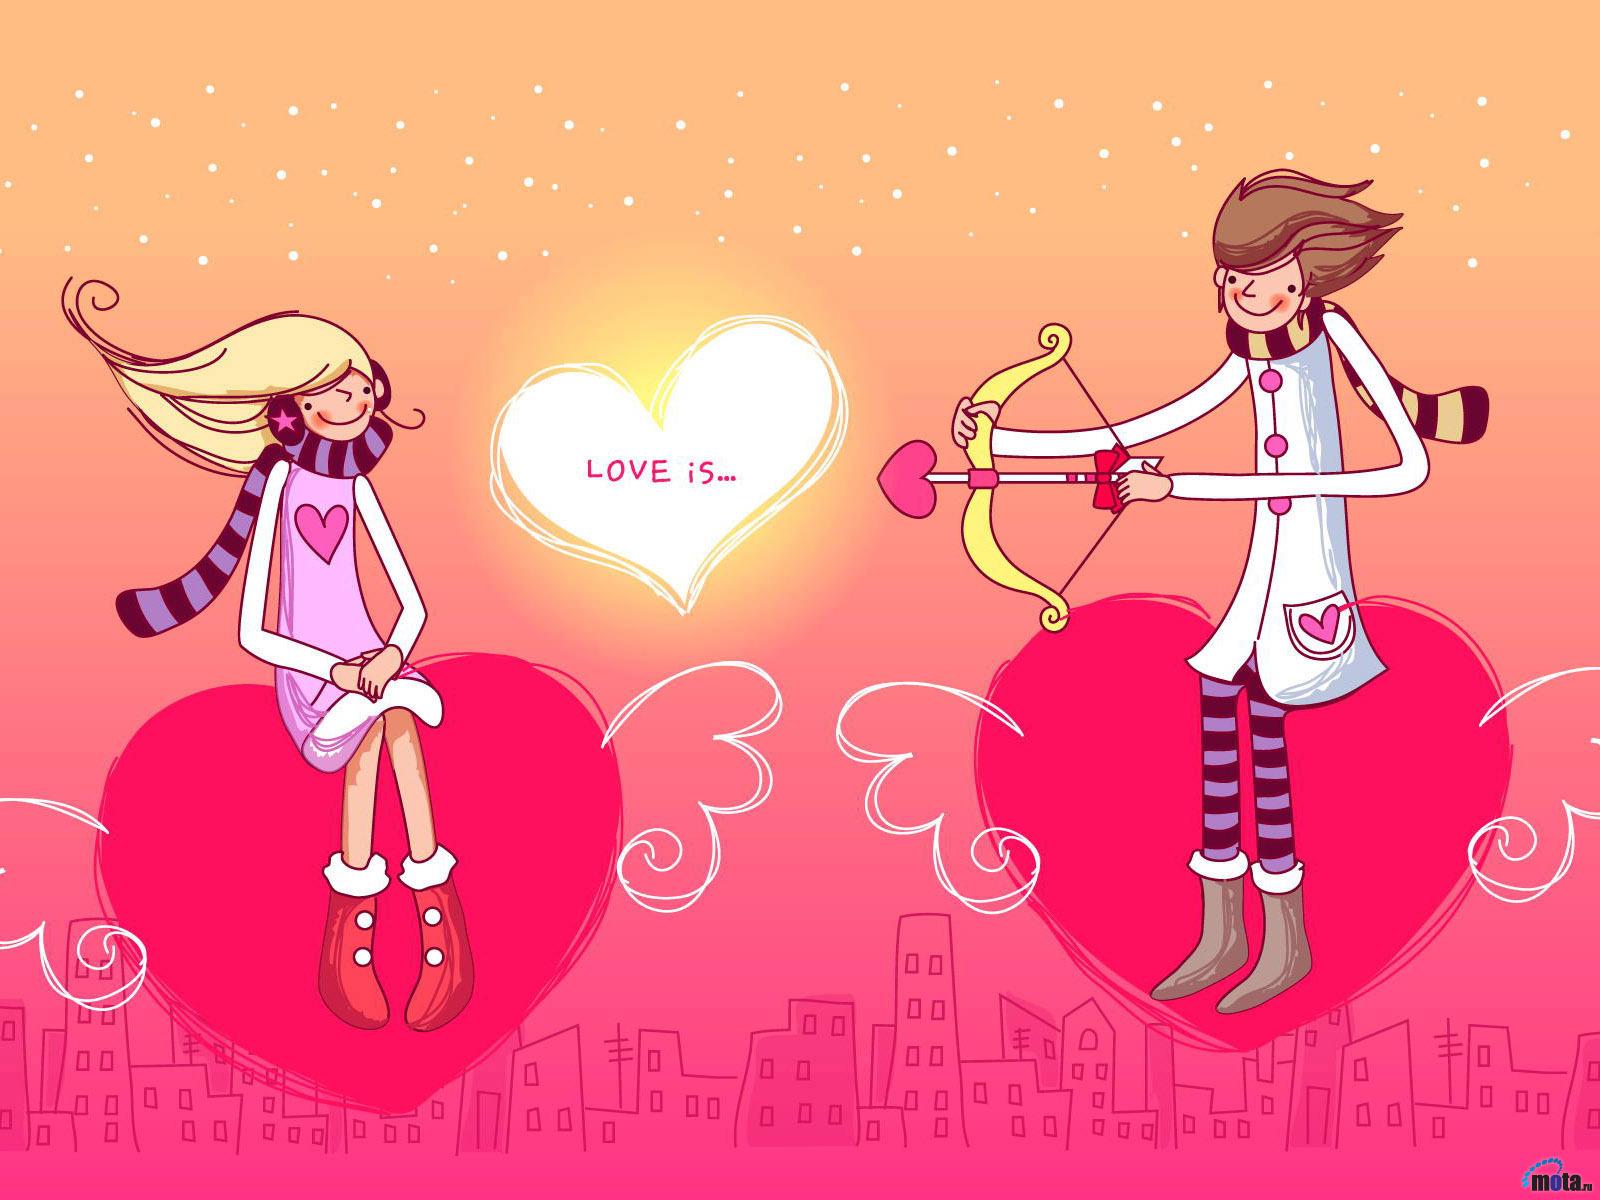 Марта, открытки на тему не любовь